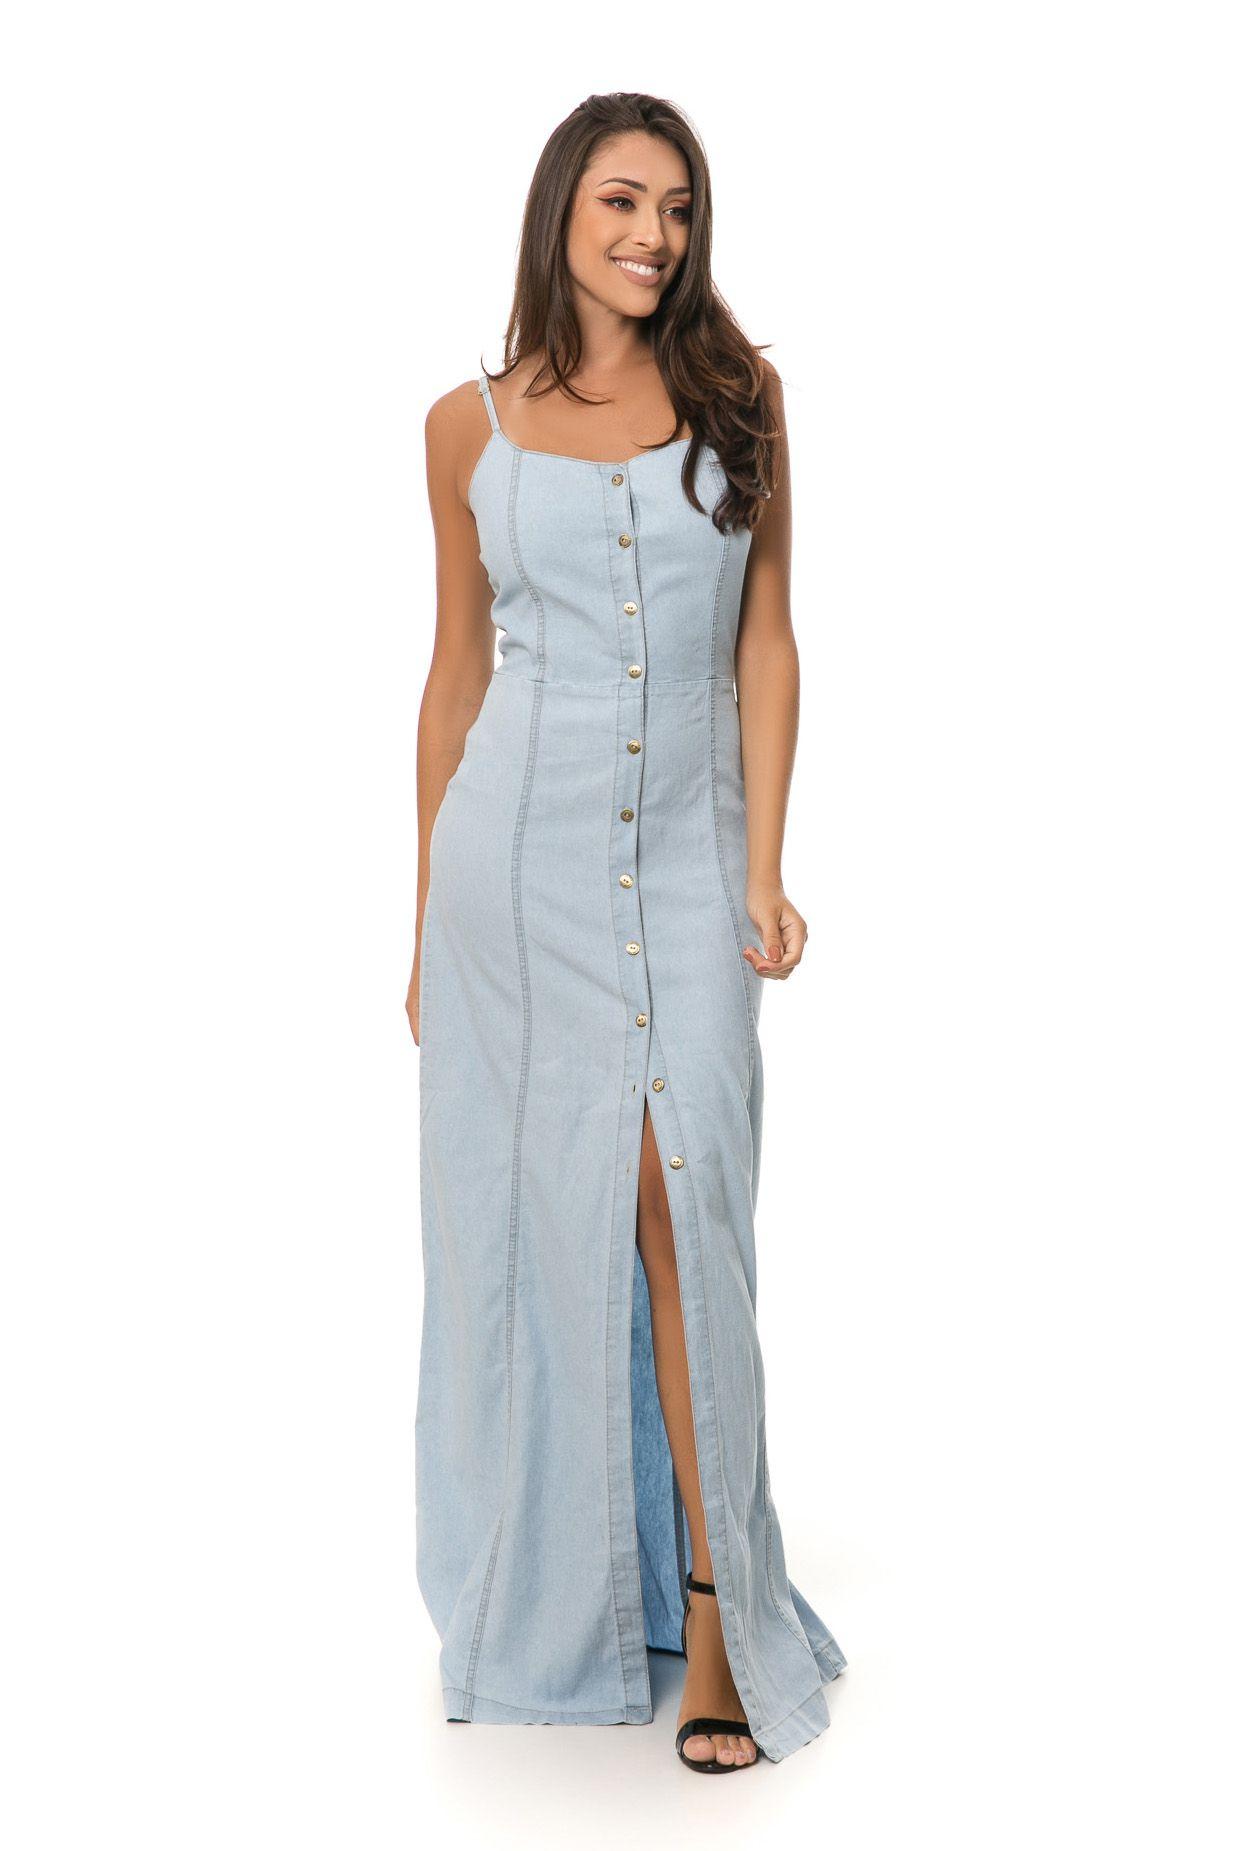 Vestido Pkd Com Botões Frontais Jeans